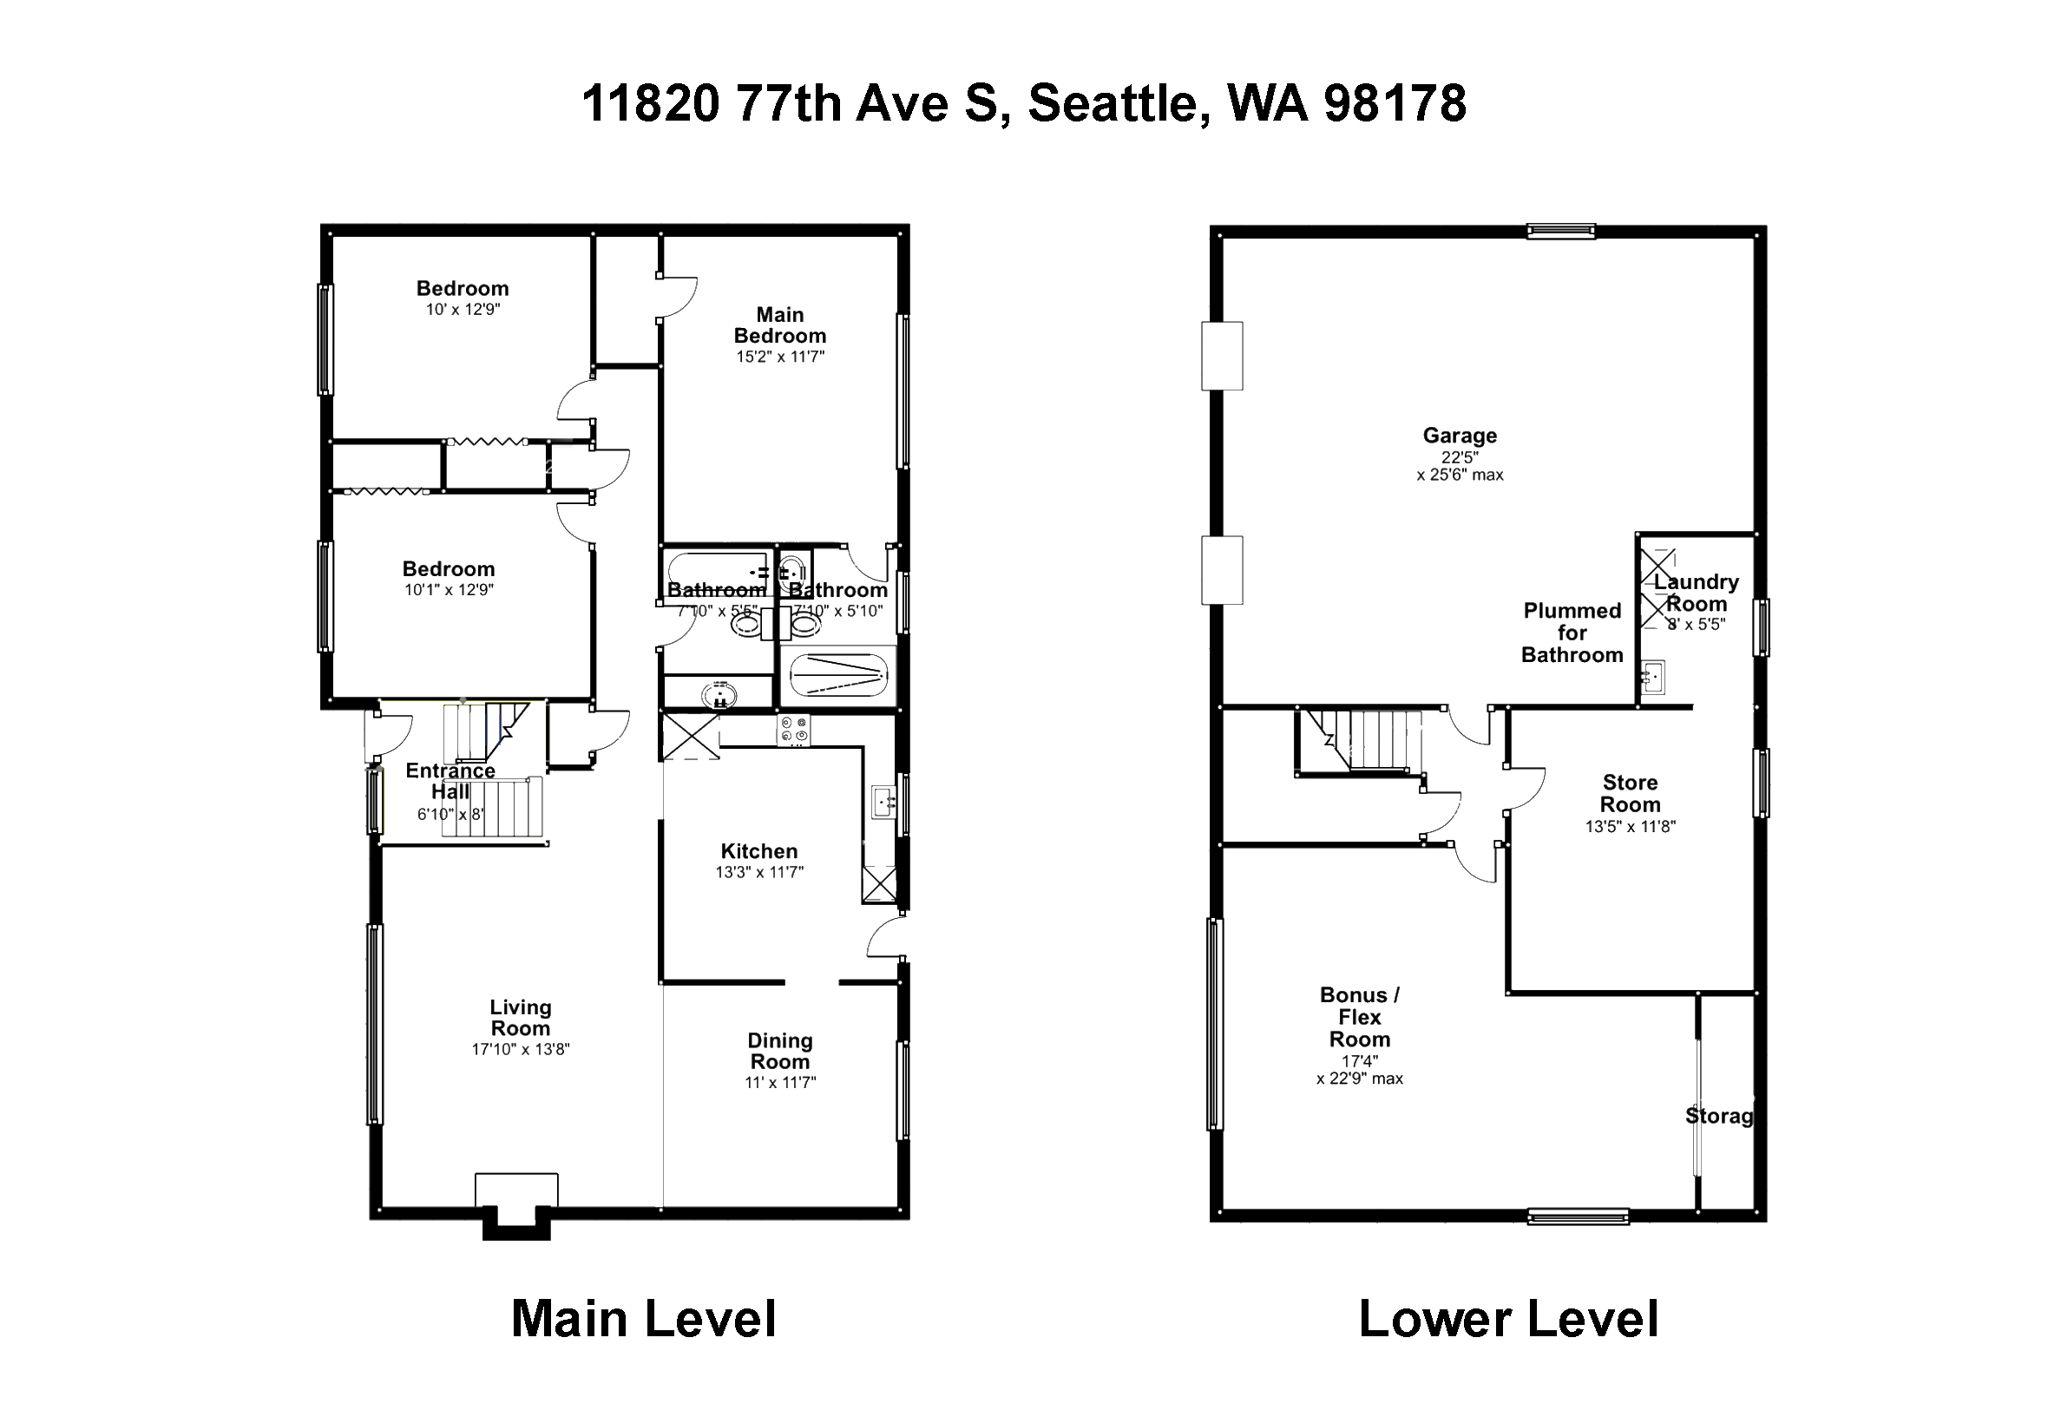 11820 77th Ave S, Seattle, WA 98178